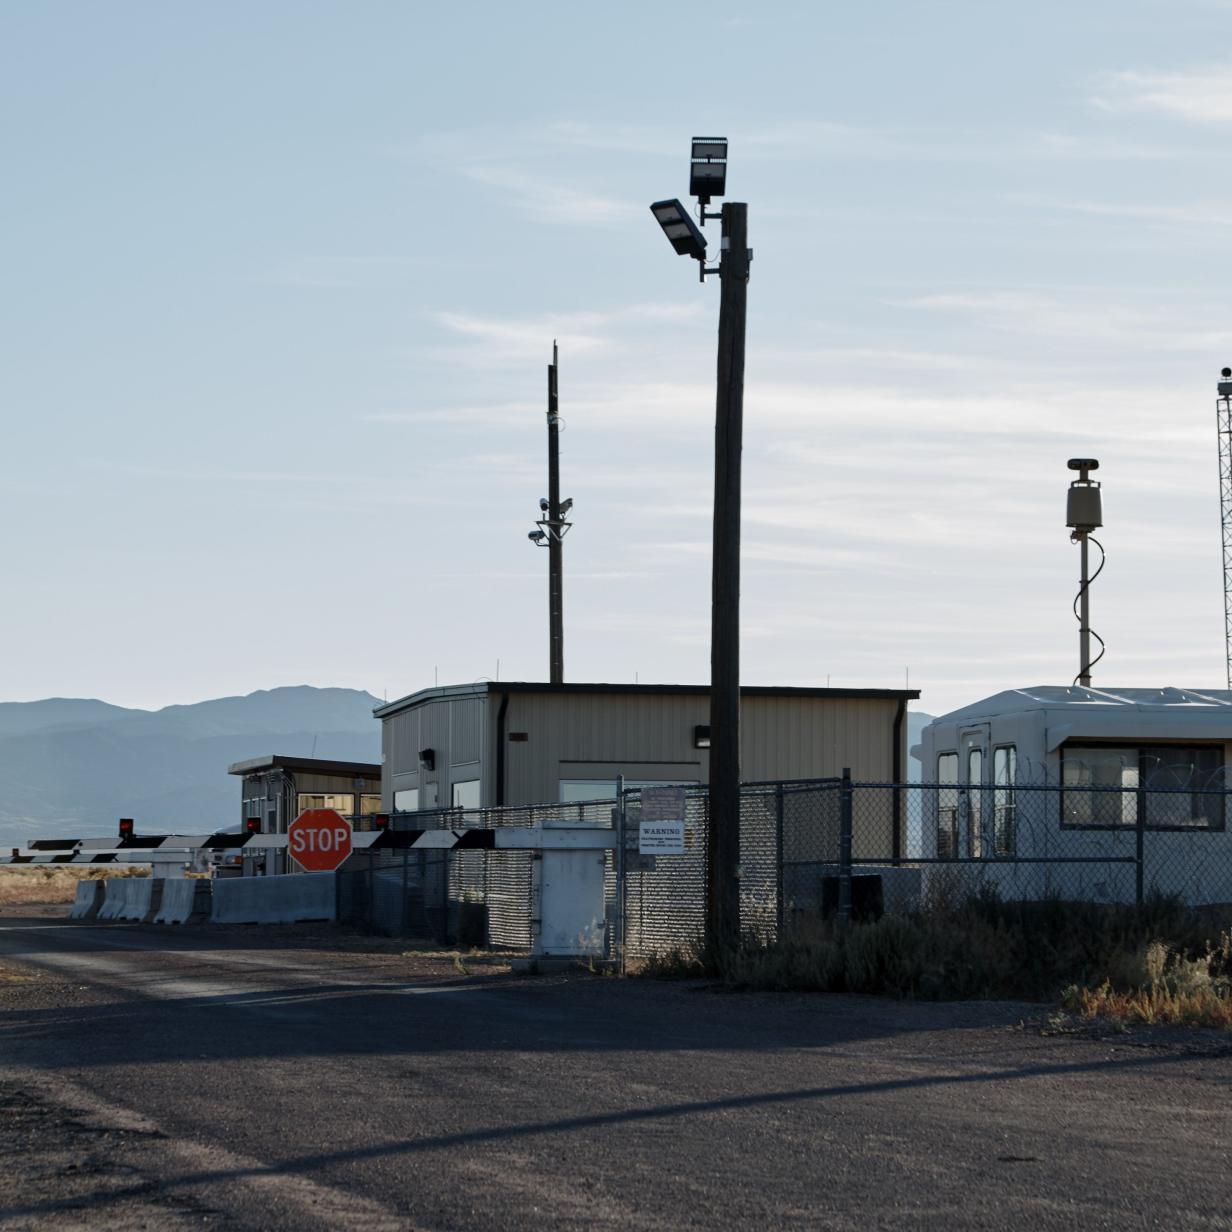 Temporäres Drohnen- und Flugverbot rund um Area 51